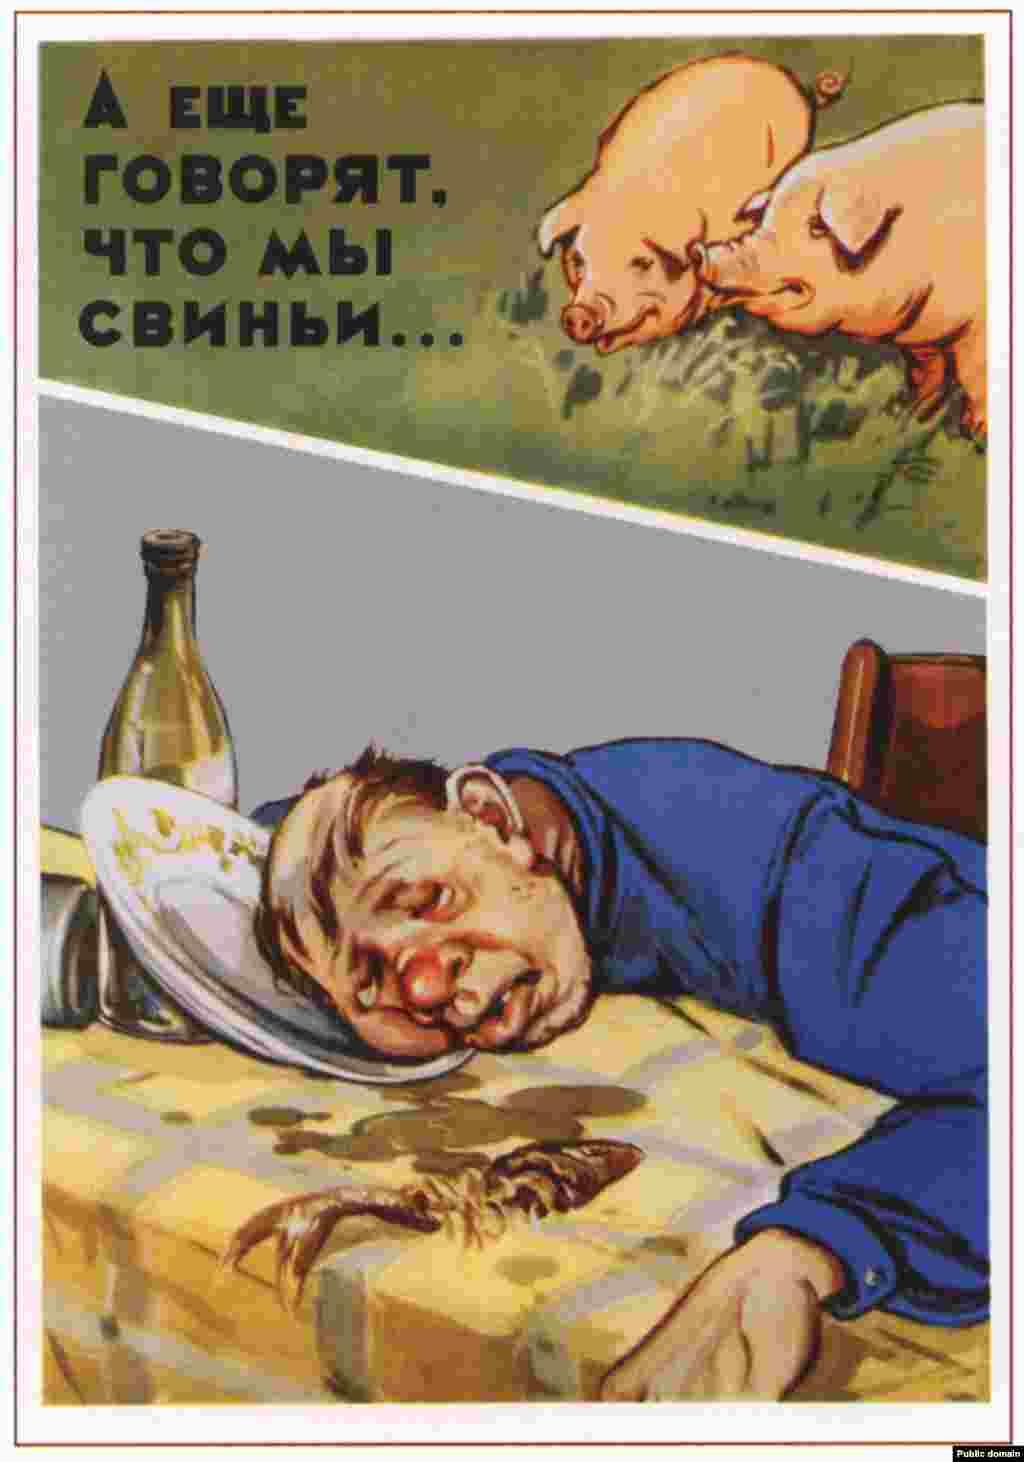 """""""А нас ни наричат свини..."""", казват две прасенца в горната част на плаката. Под тях пиян мъж спи до бутилката си. Плакатът е също от 1958 г."""